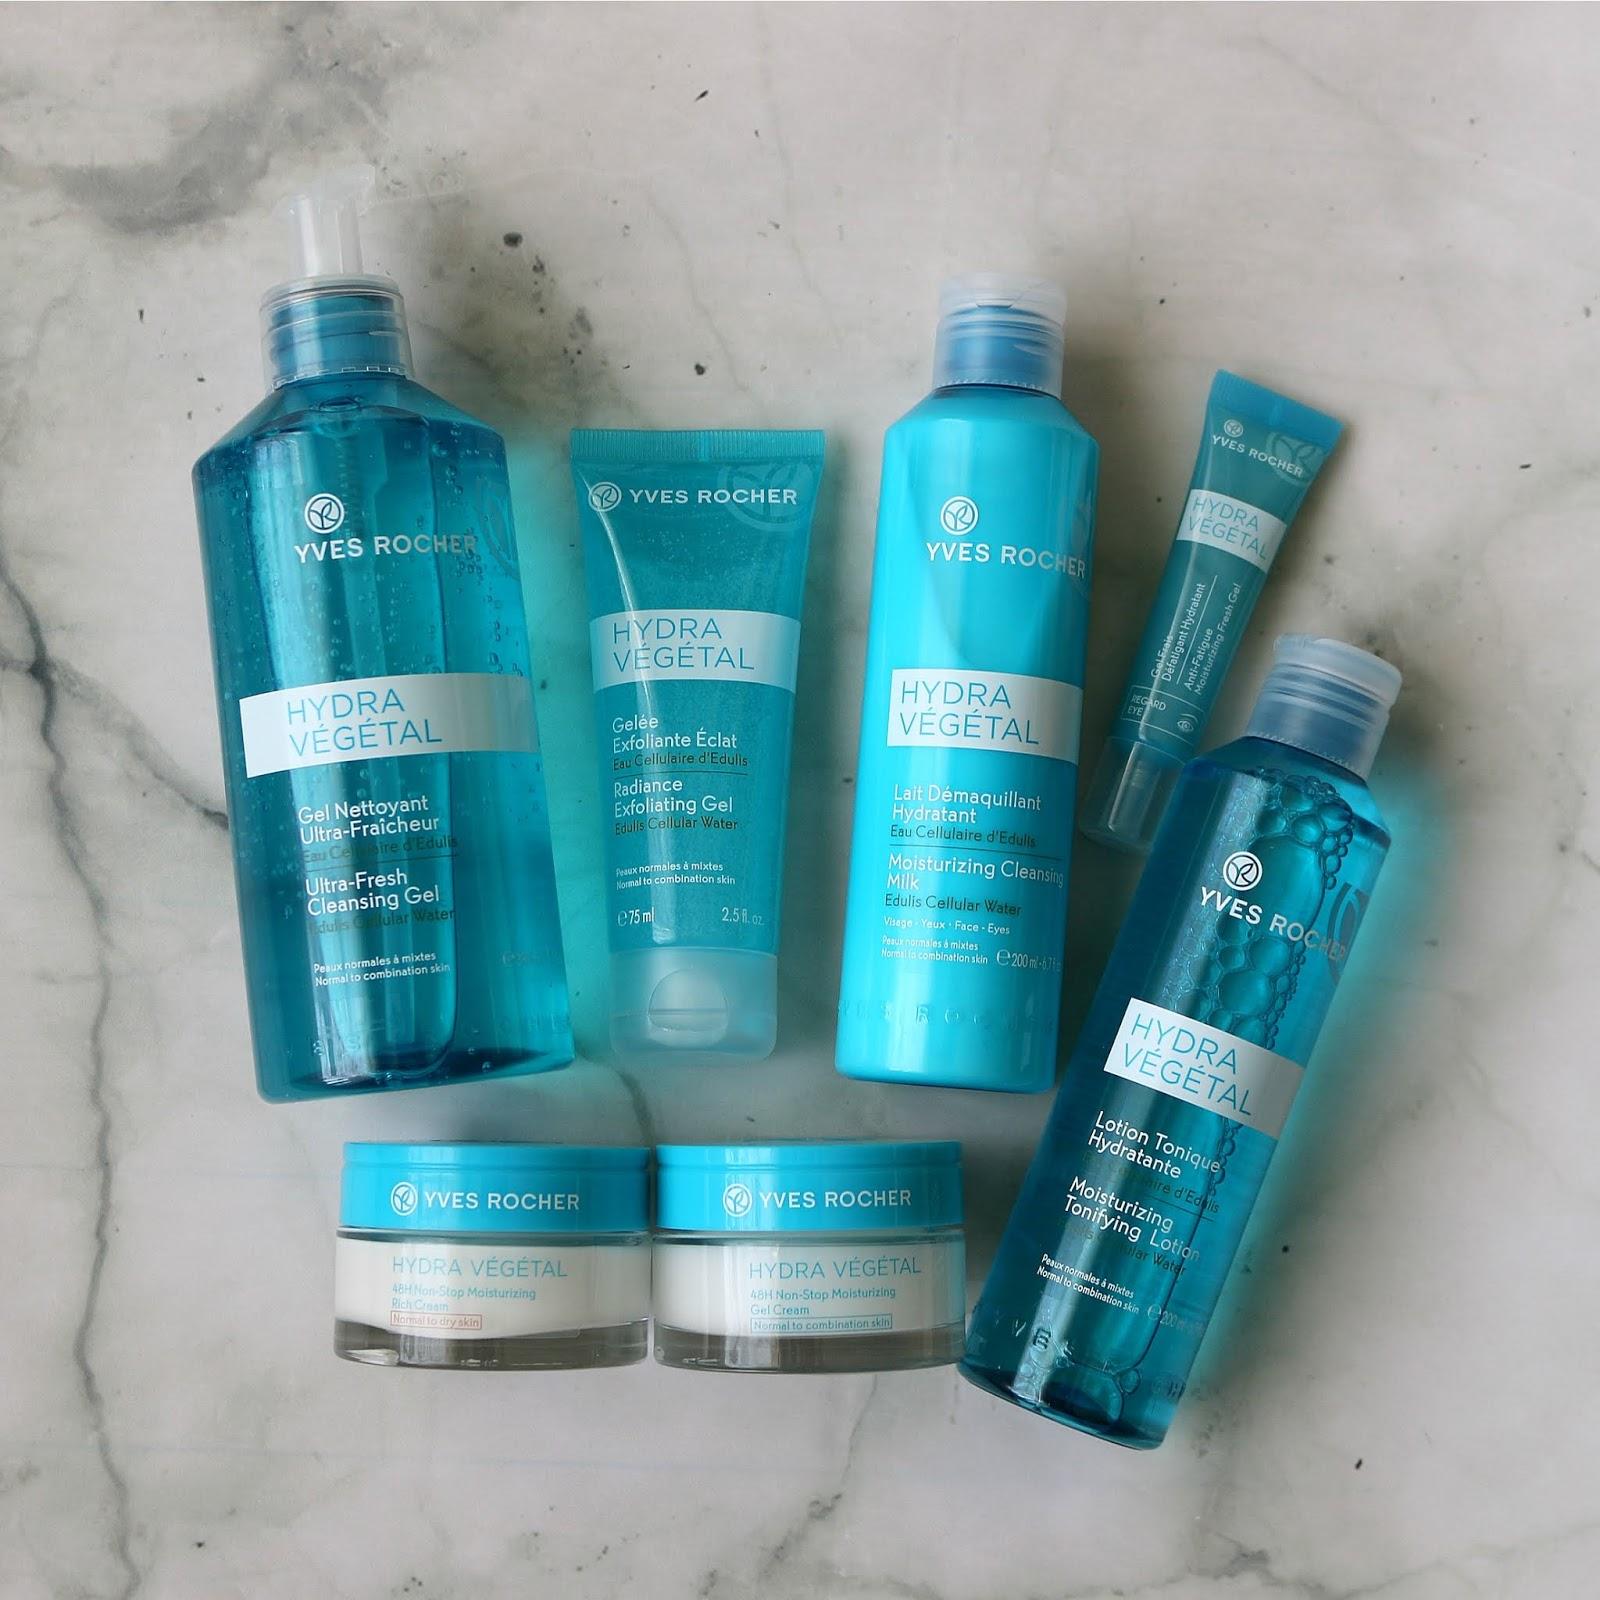 Yves Rocher Hydra Vegetal Skincare